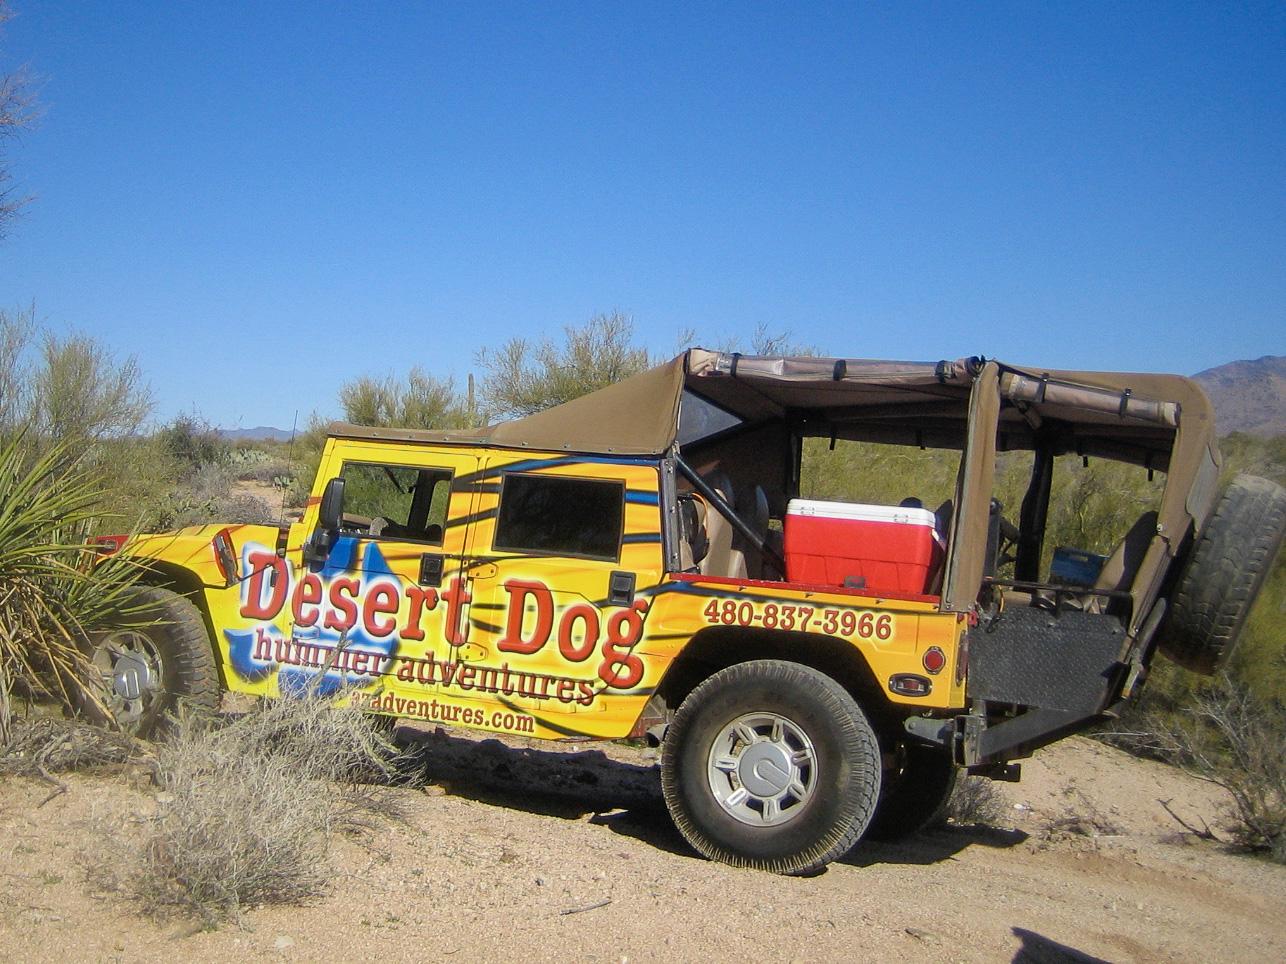 Ein Hummer der Firma Desert Dog in der glamourösen Wüstenstadt Scottsdale